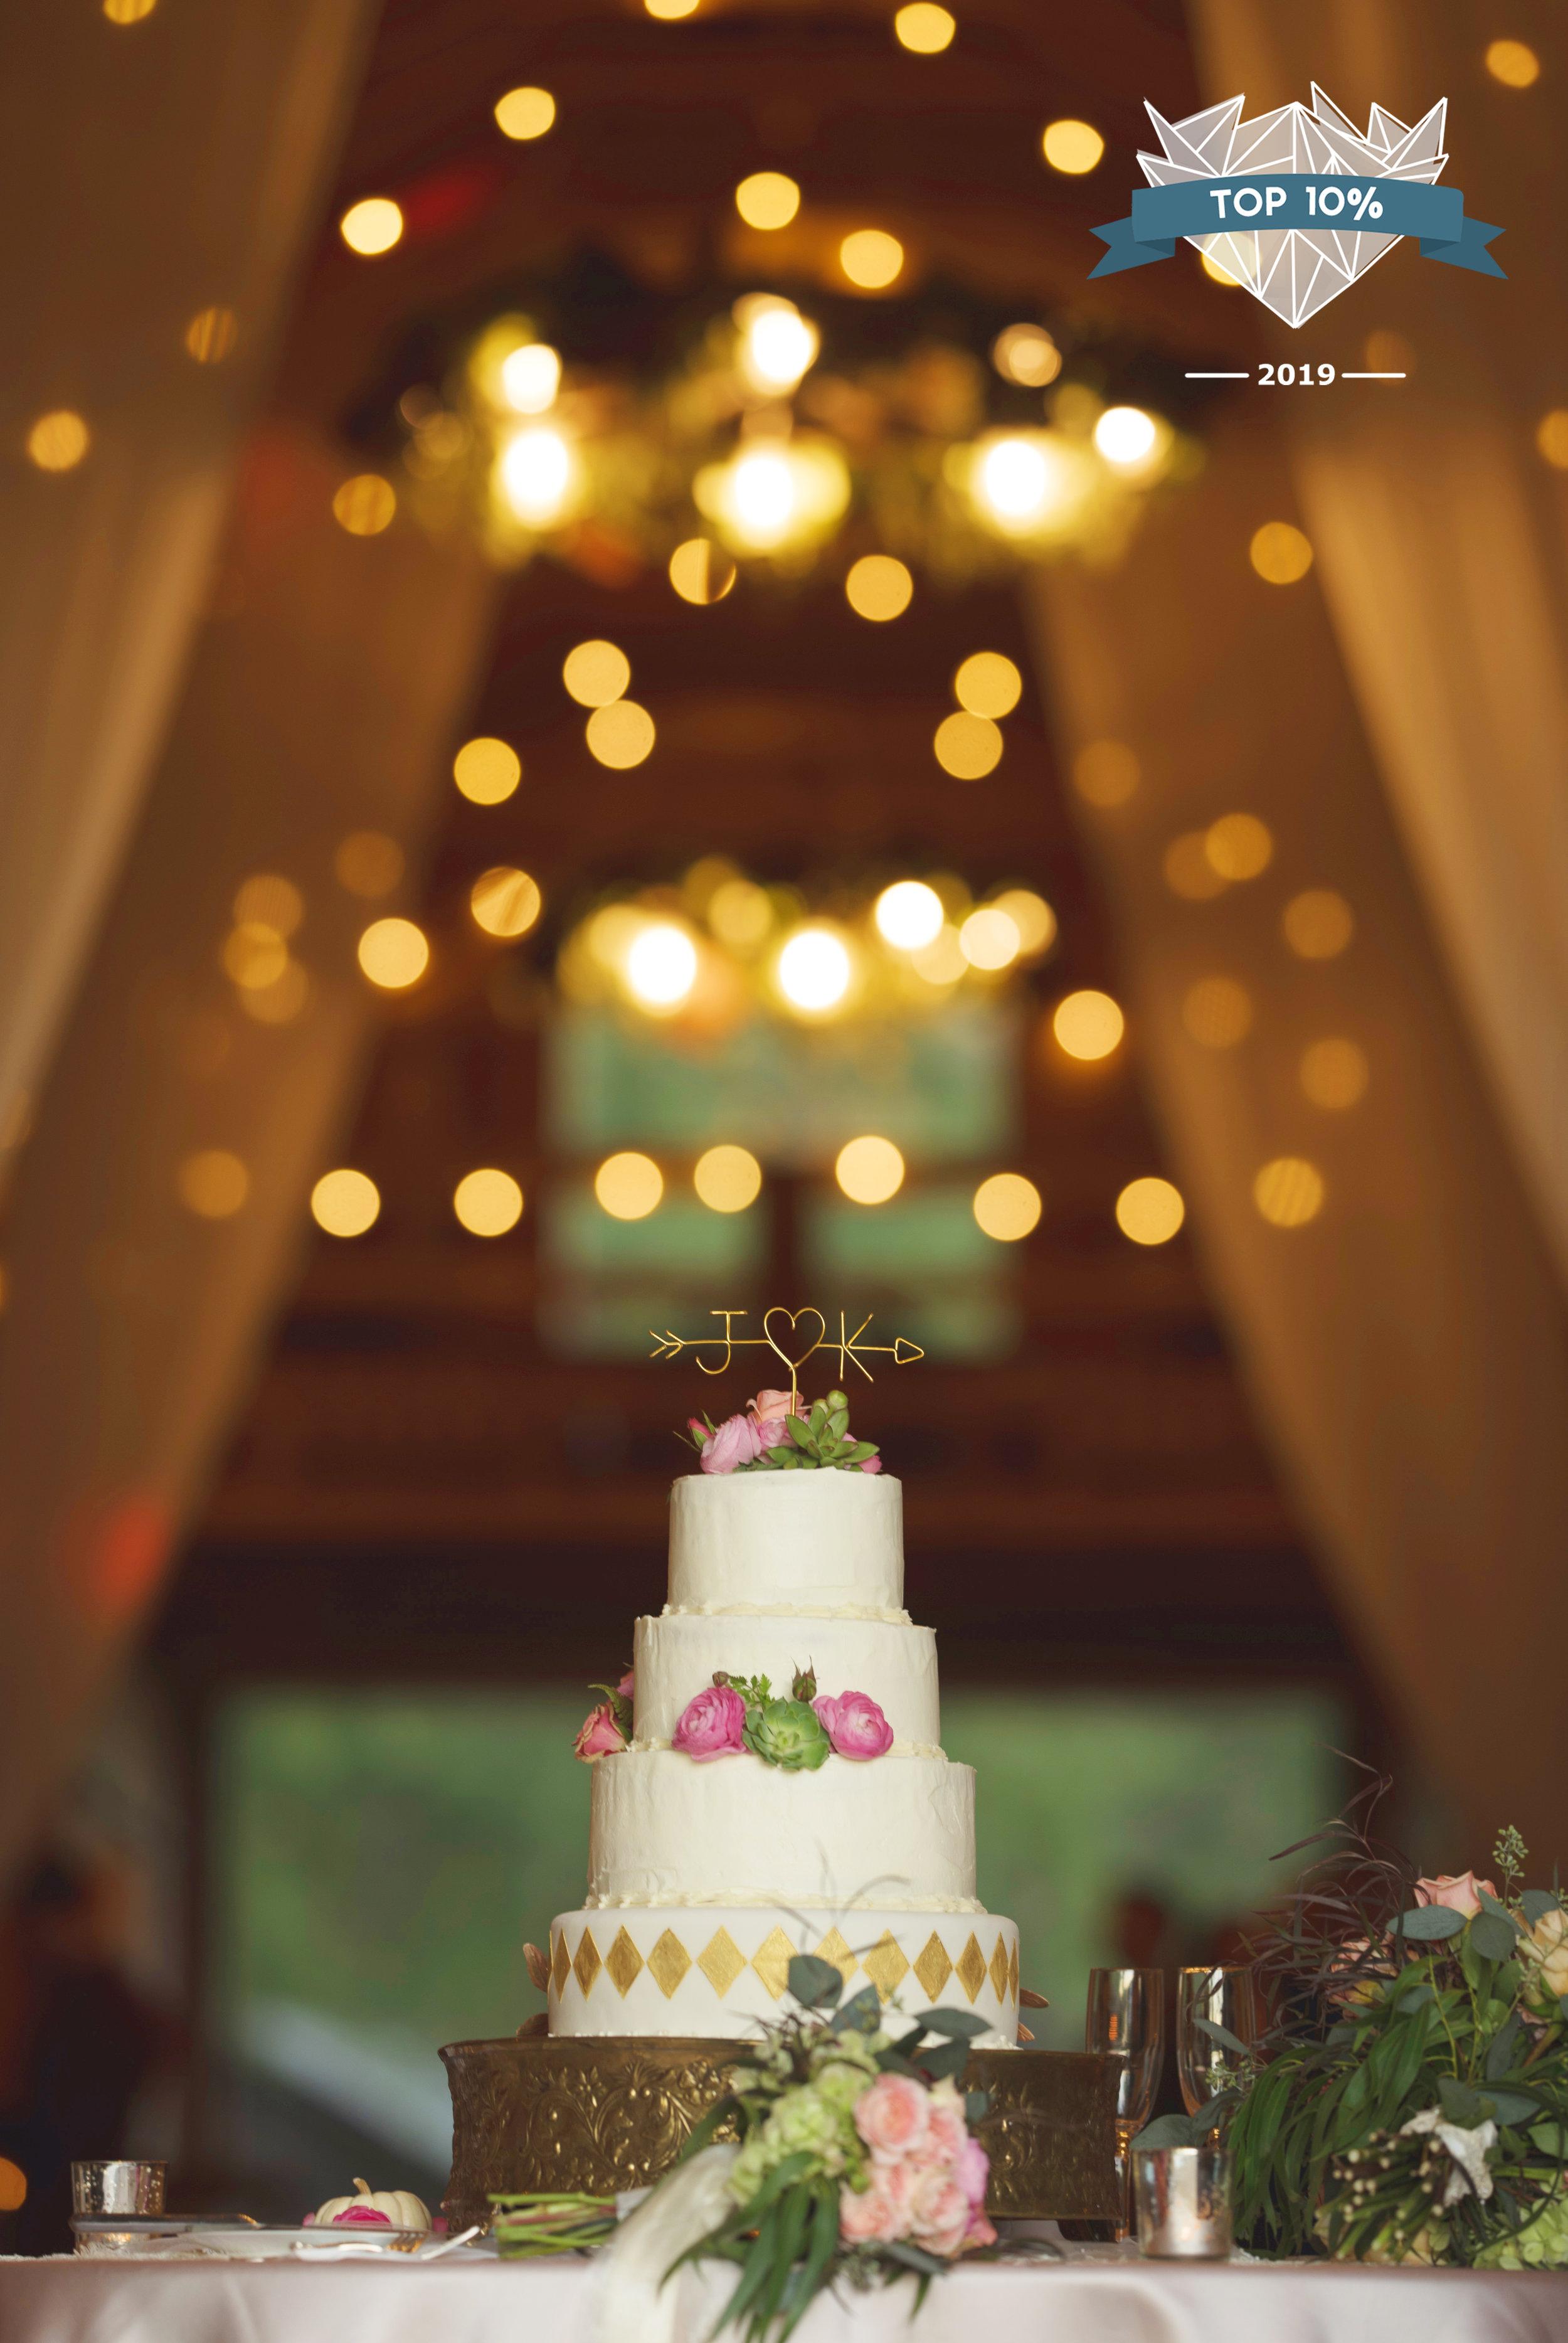 Top 10%  Wedding Details: 1897/18829